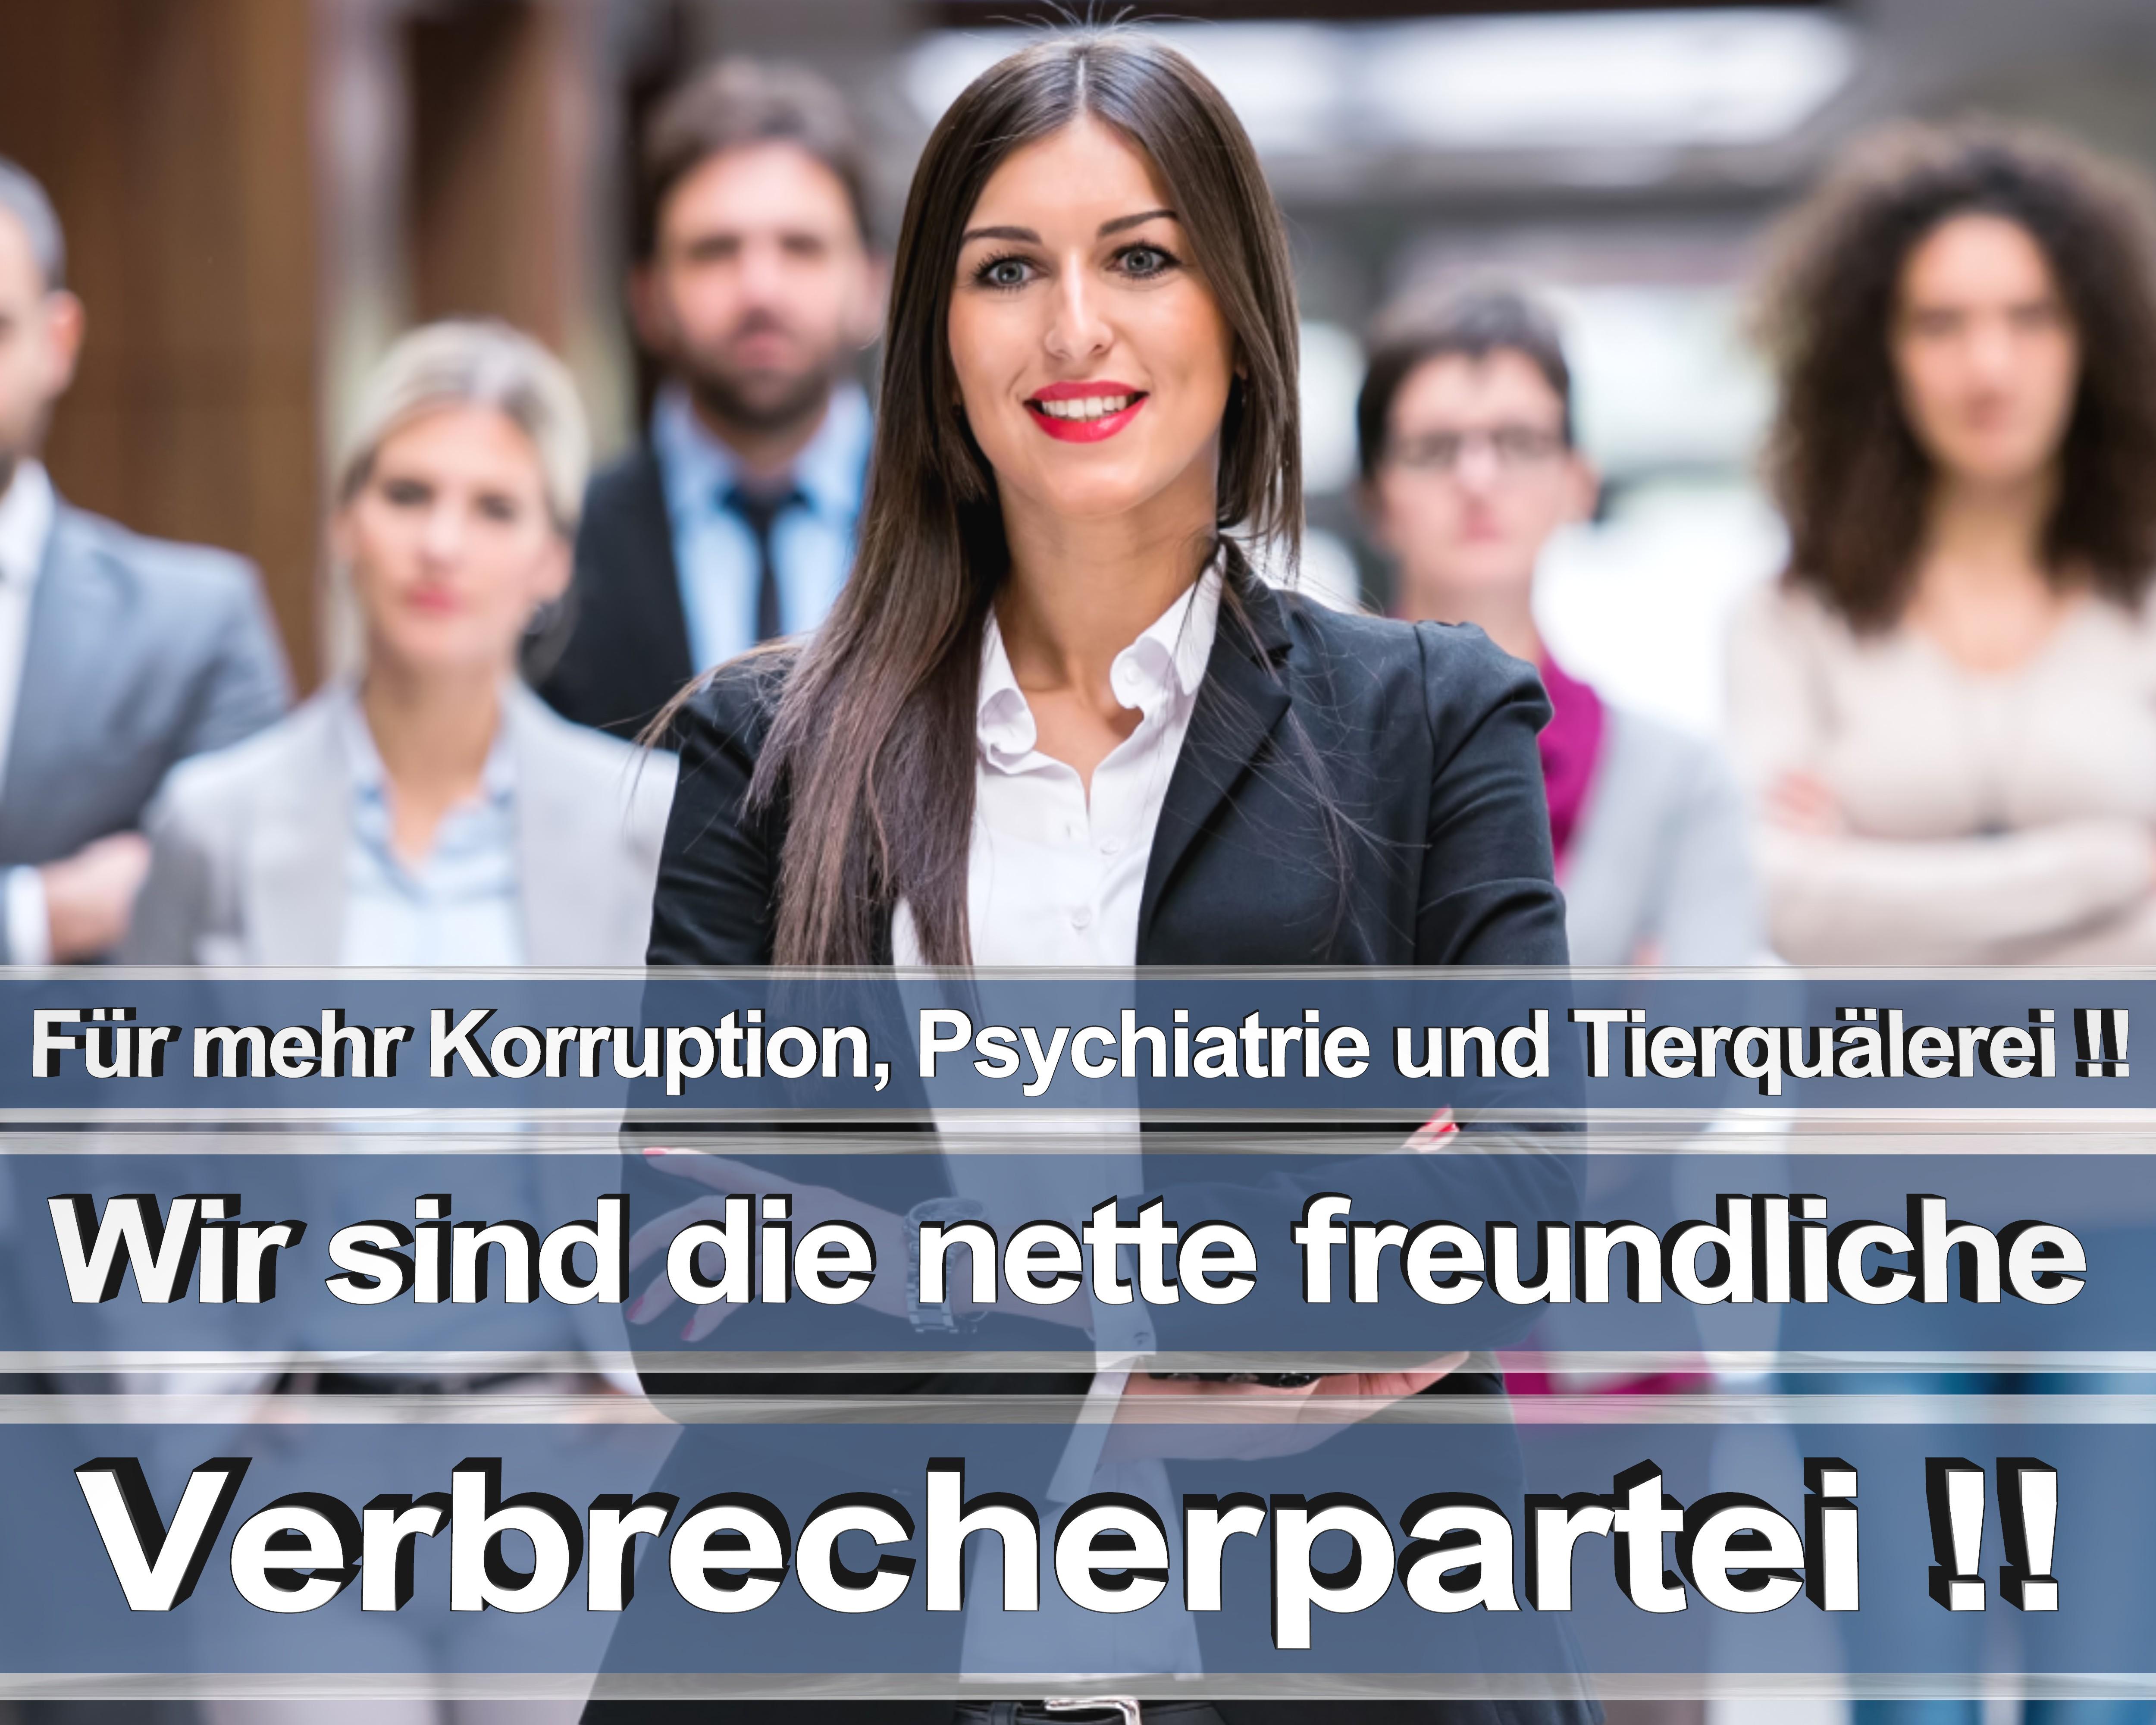 Bundestagswahl 2017 wahlplakate cdu spd angela merkel frauke petry afd rtl zdf ard arte (8)